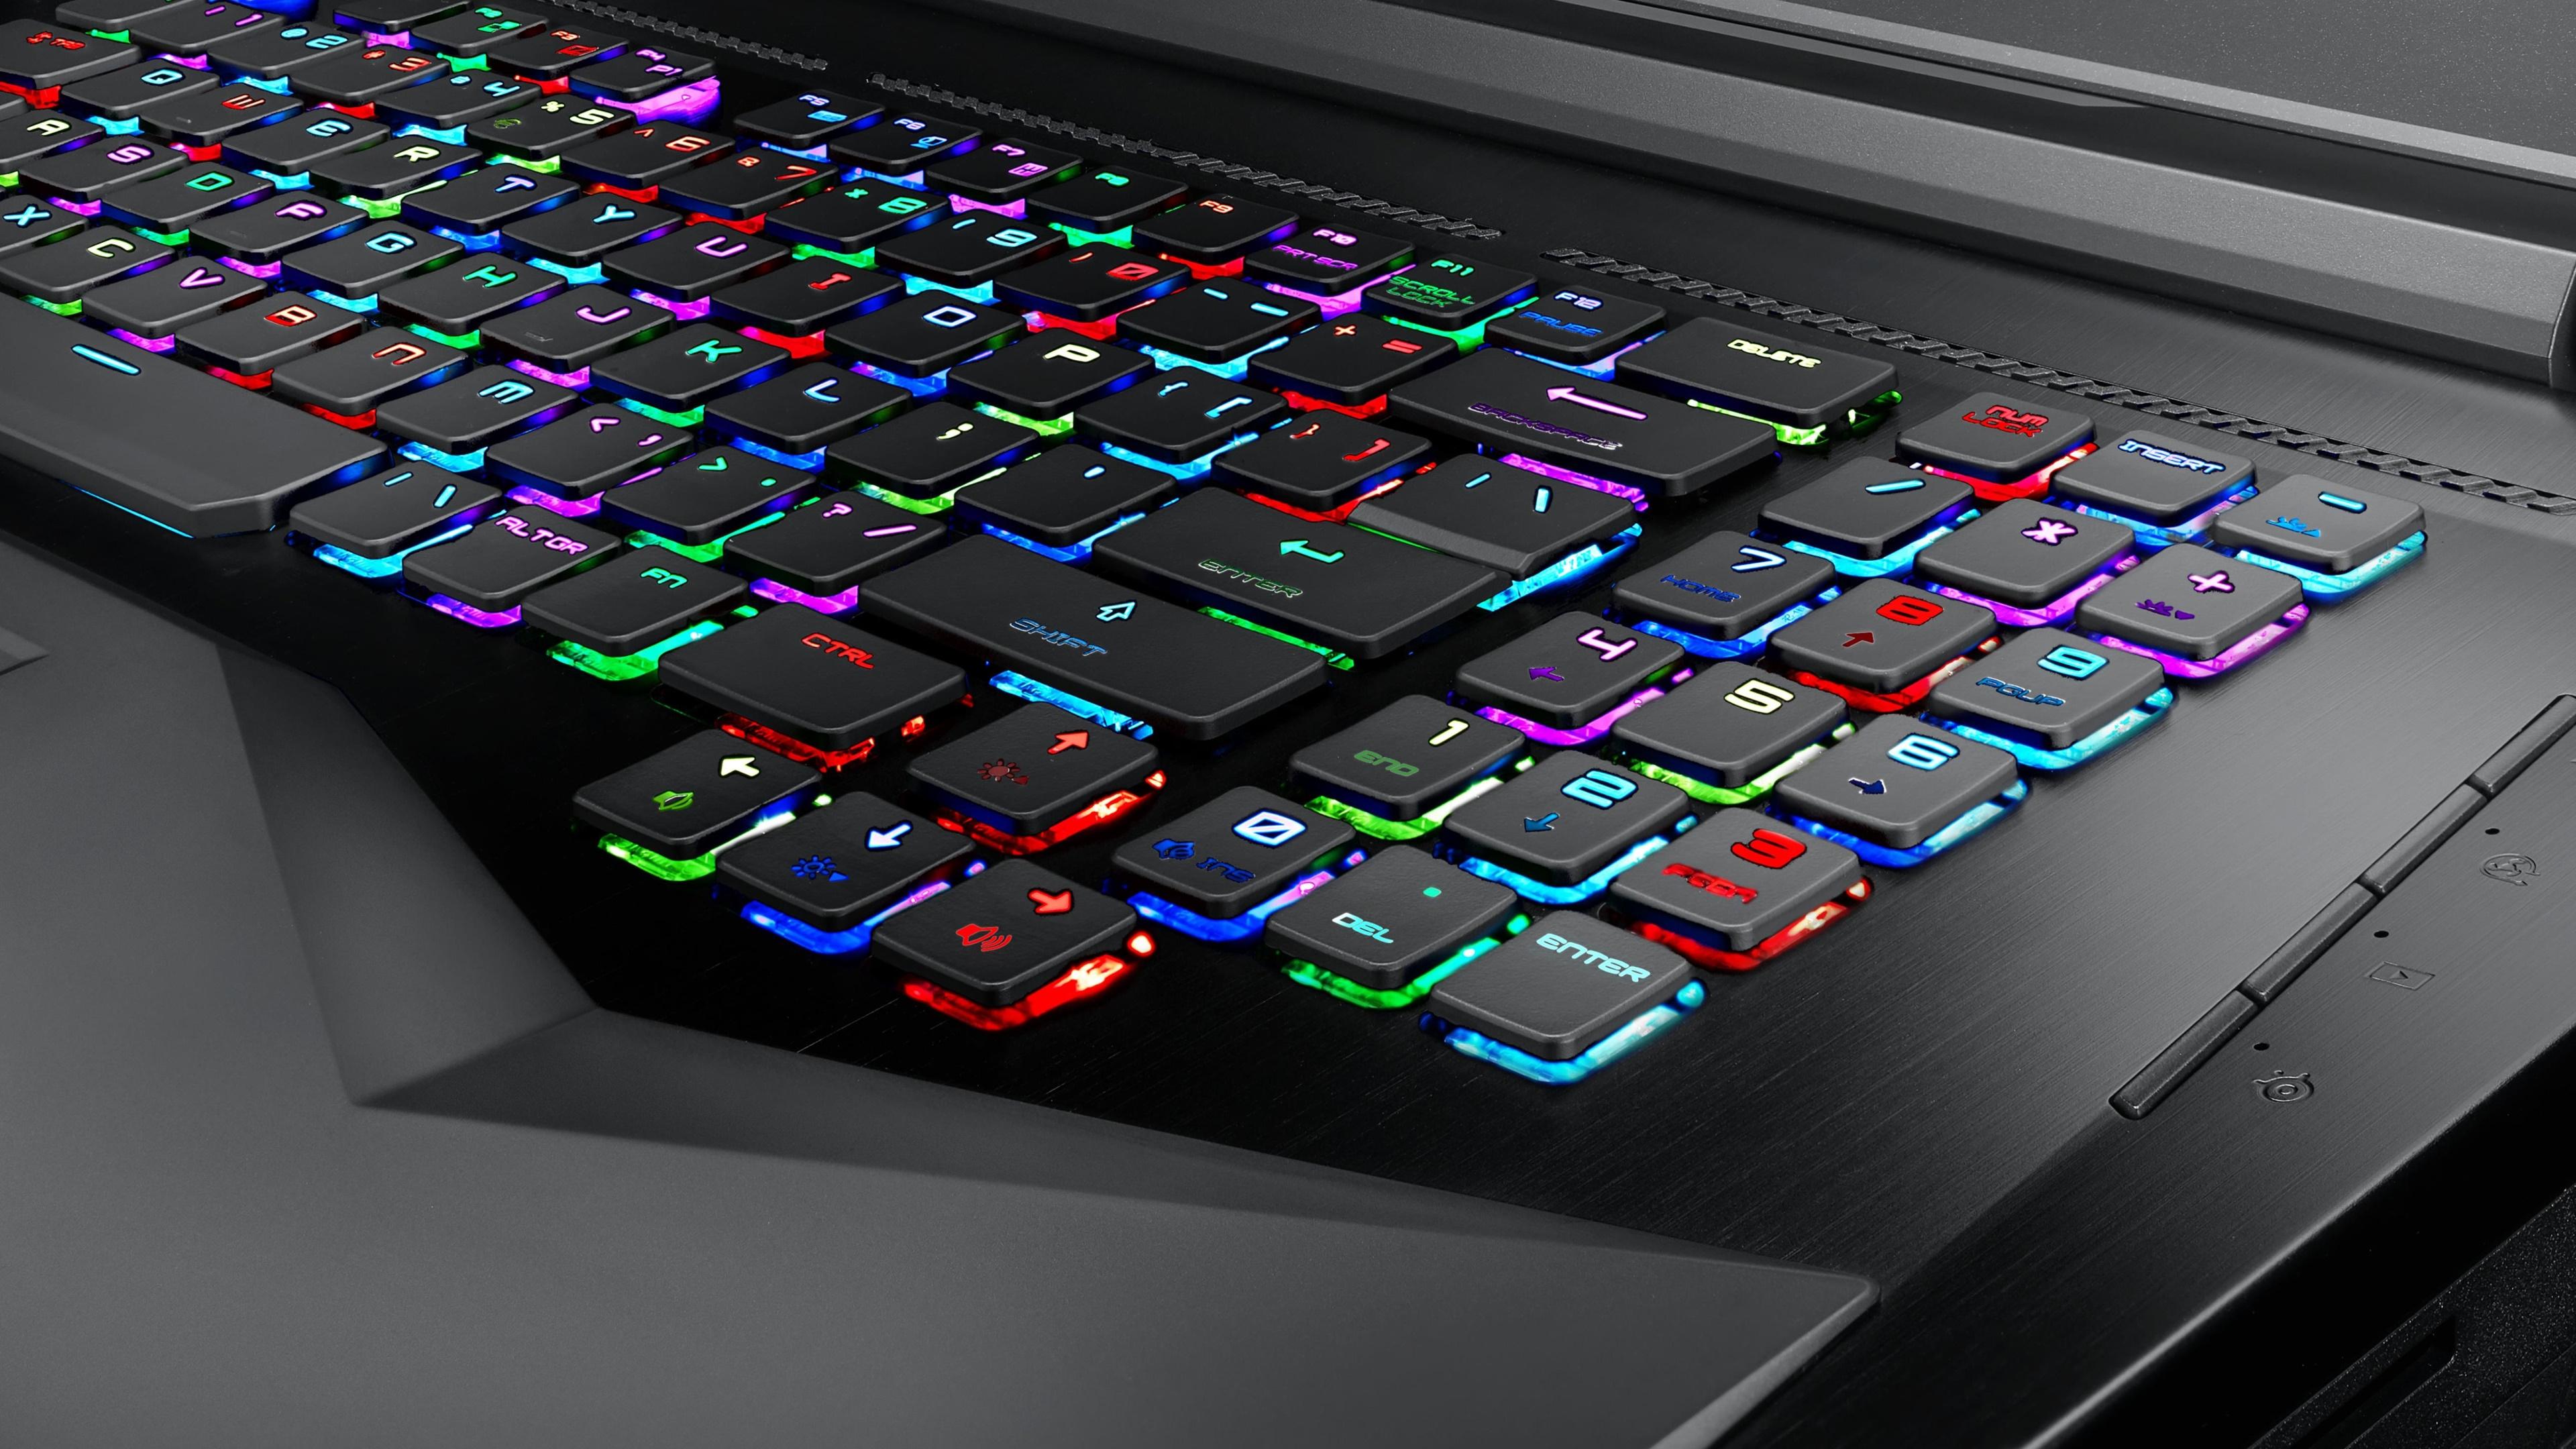 Keyboard Gaming wallpaper